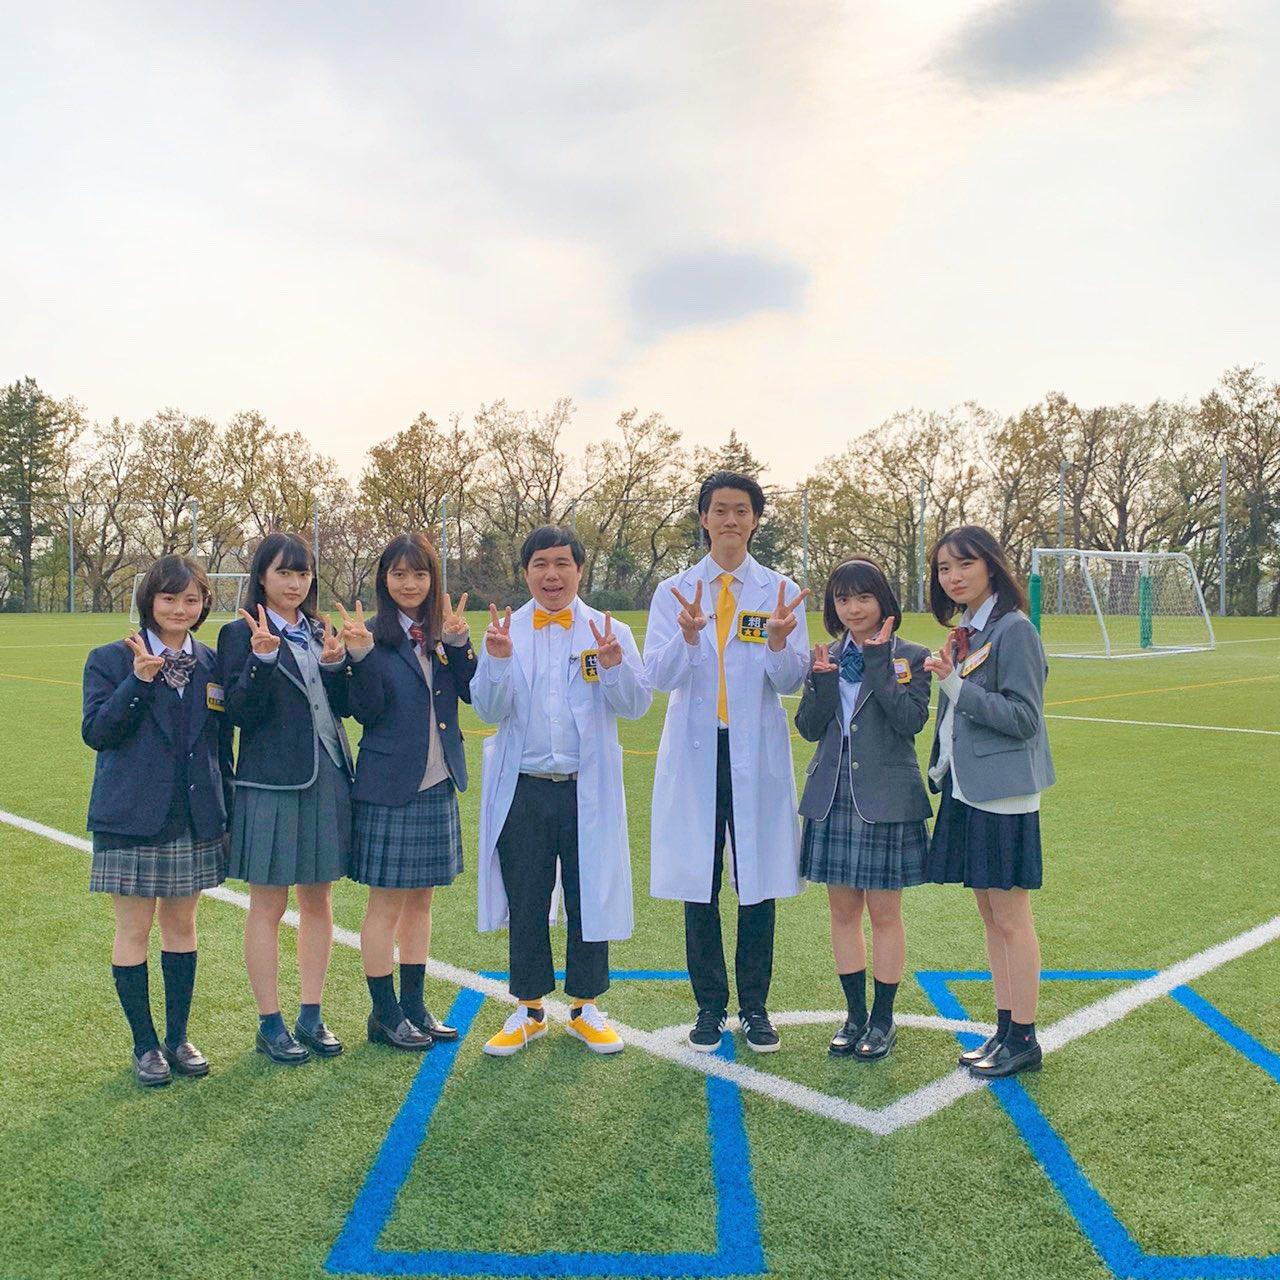 「第7キングダム」に出演する女子高生